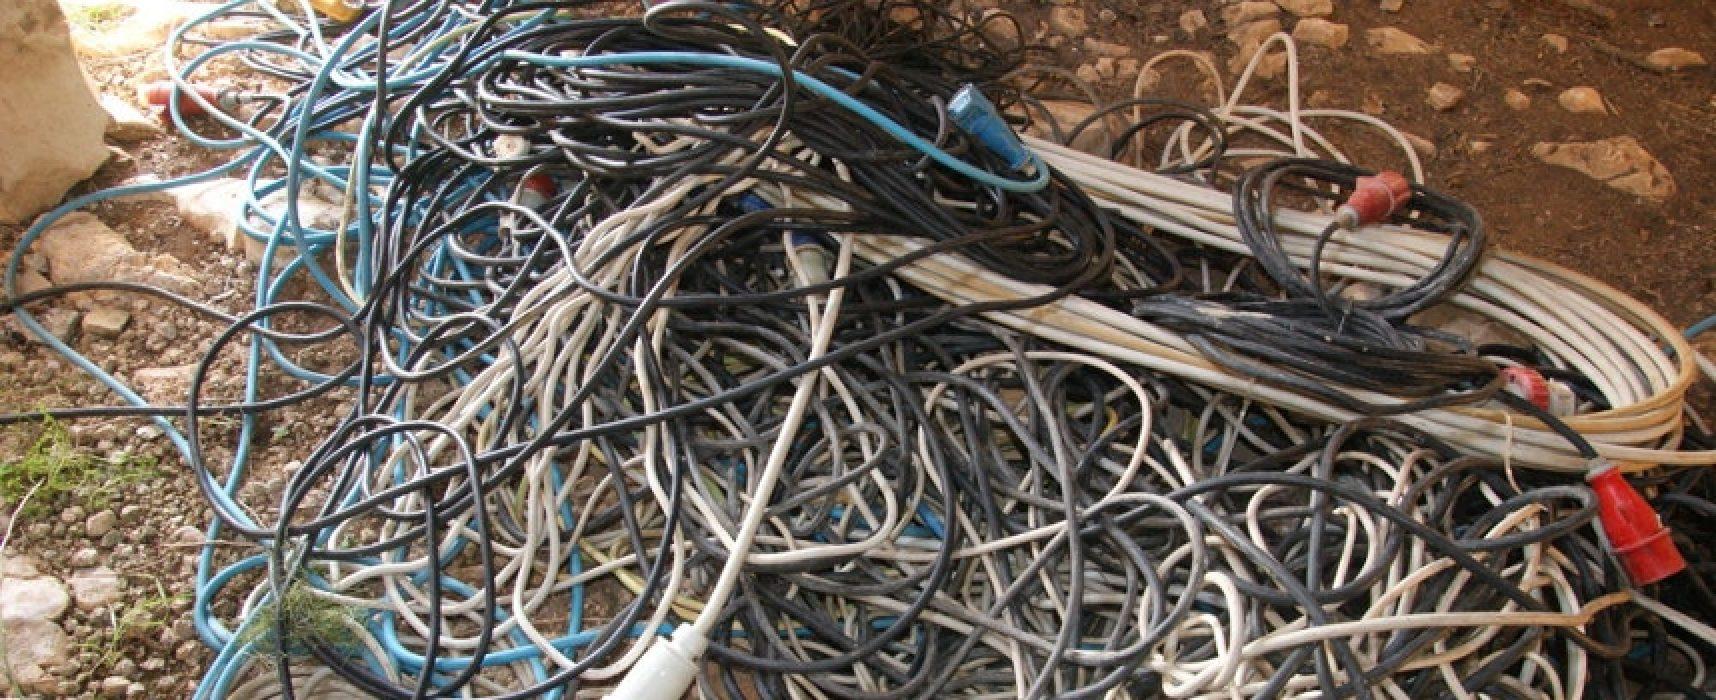 Furto cavi linea elettrica: parte di via Ruvo senza corrente, E-Distribuzione al lavoro